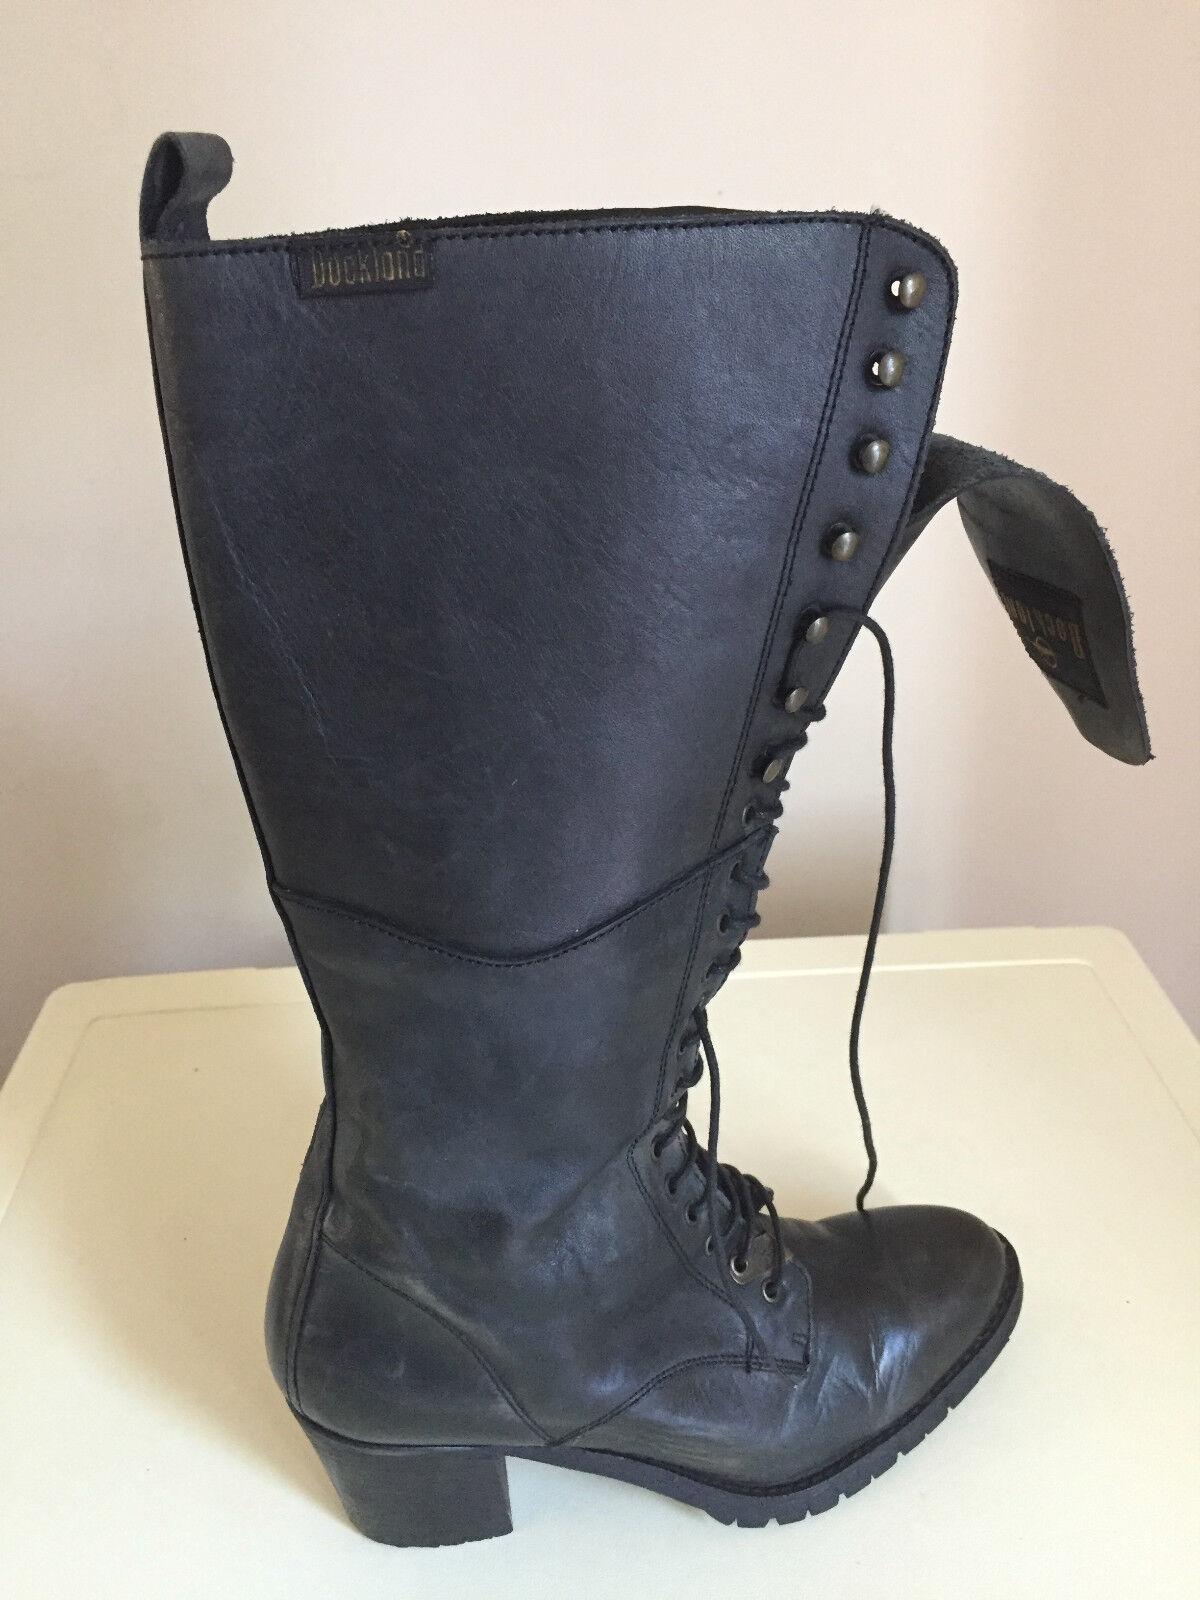 Damenschuhe  Leder KNEE HIGH BLACK DOCKLAND Stiefel  Größe UK 5